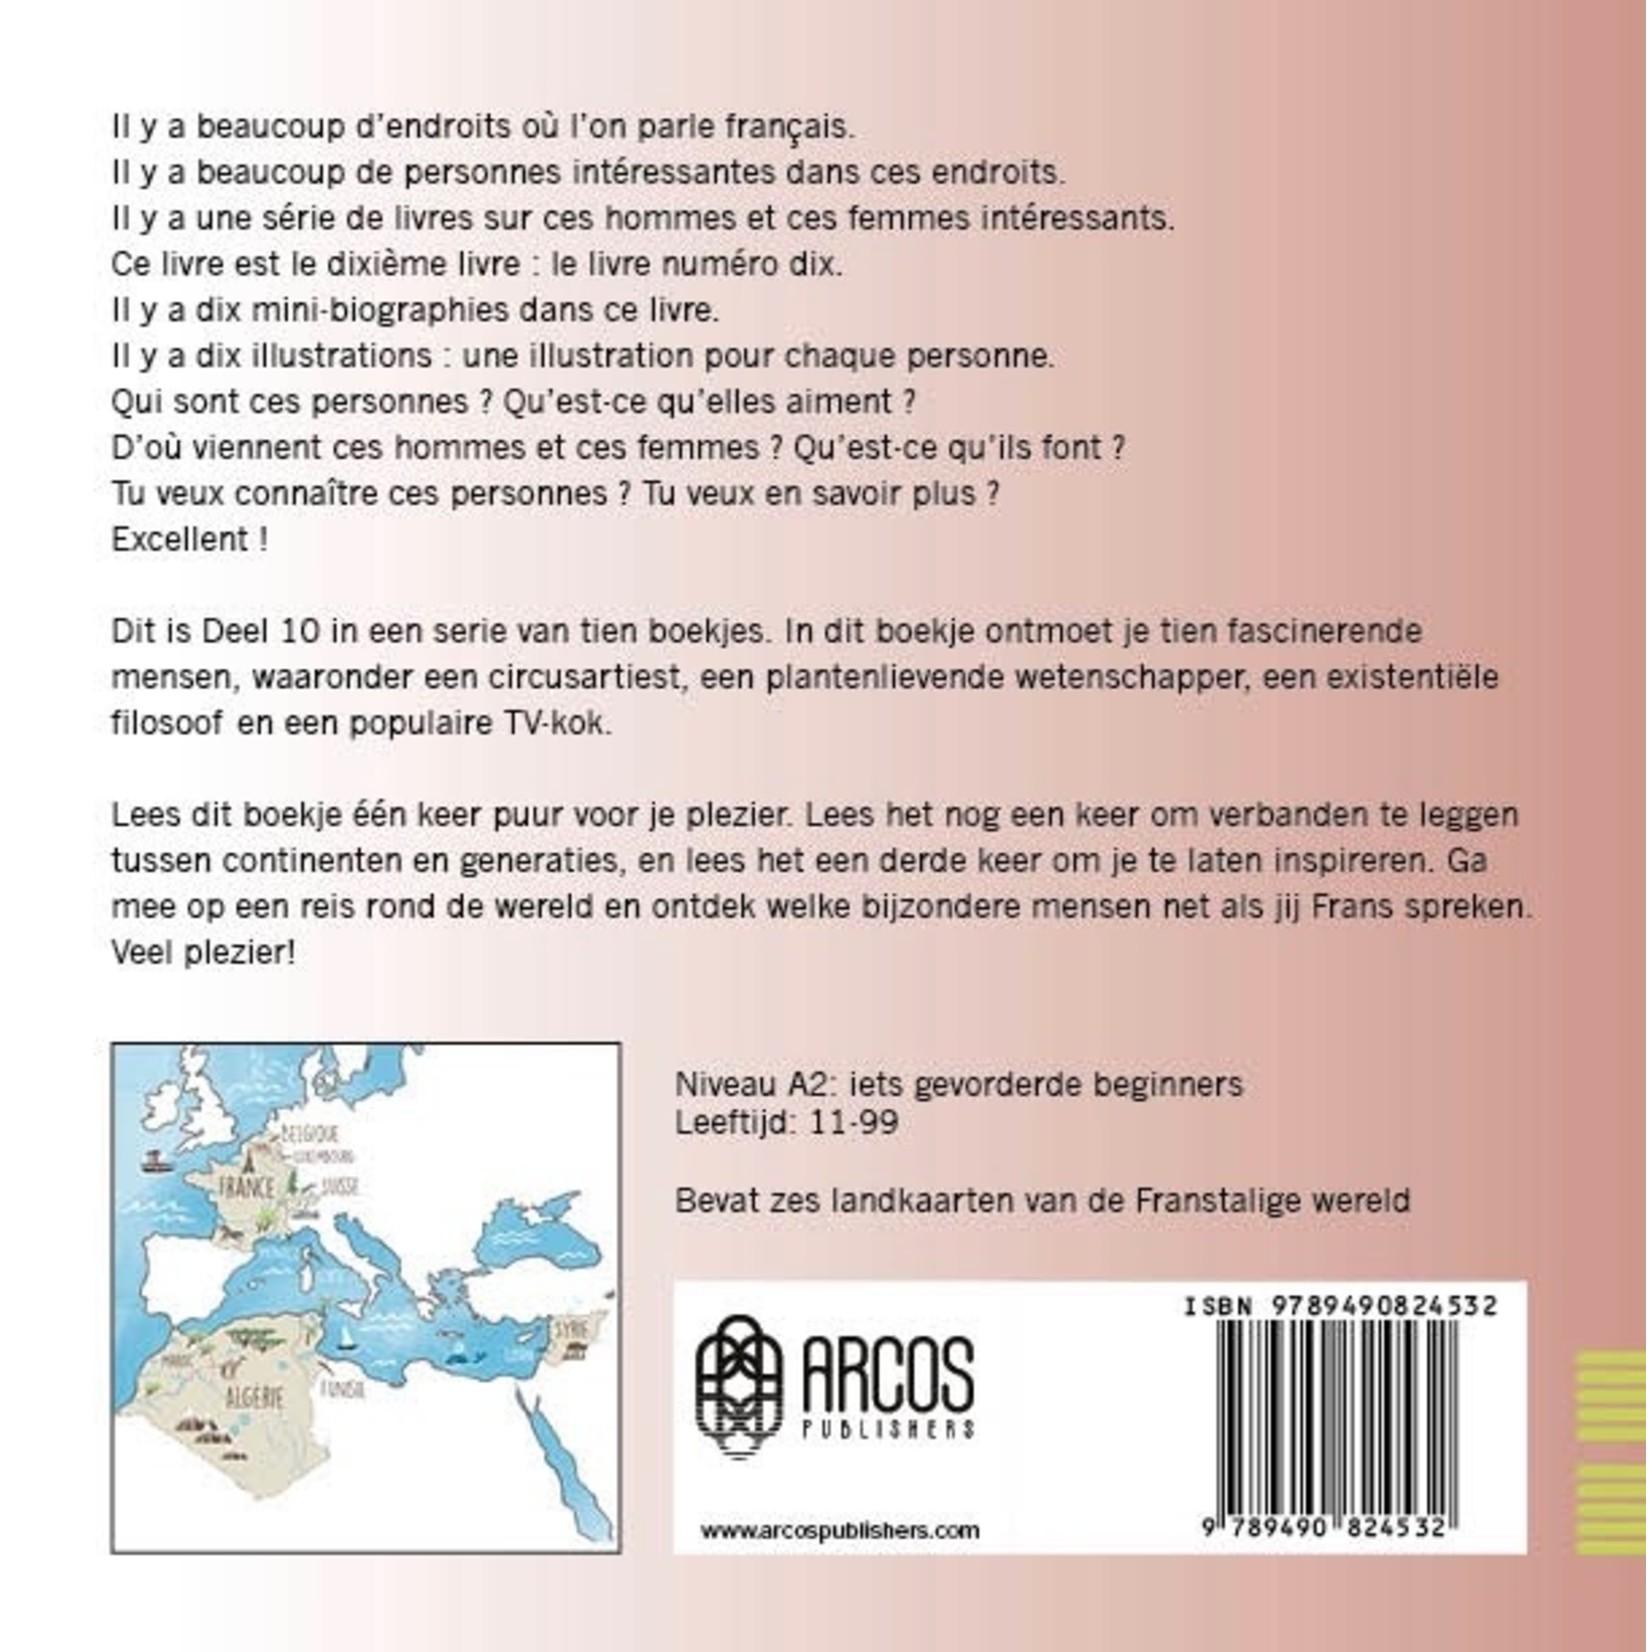 Arcos Publishers Qui parle français ? Deel 10 (French-Dutch)